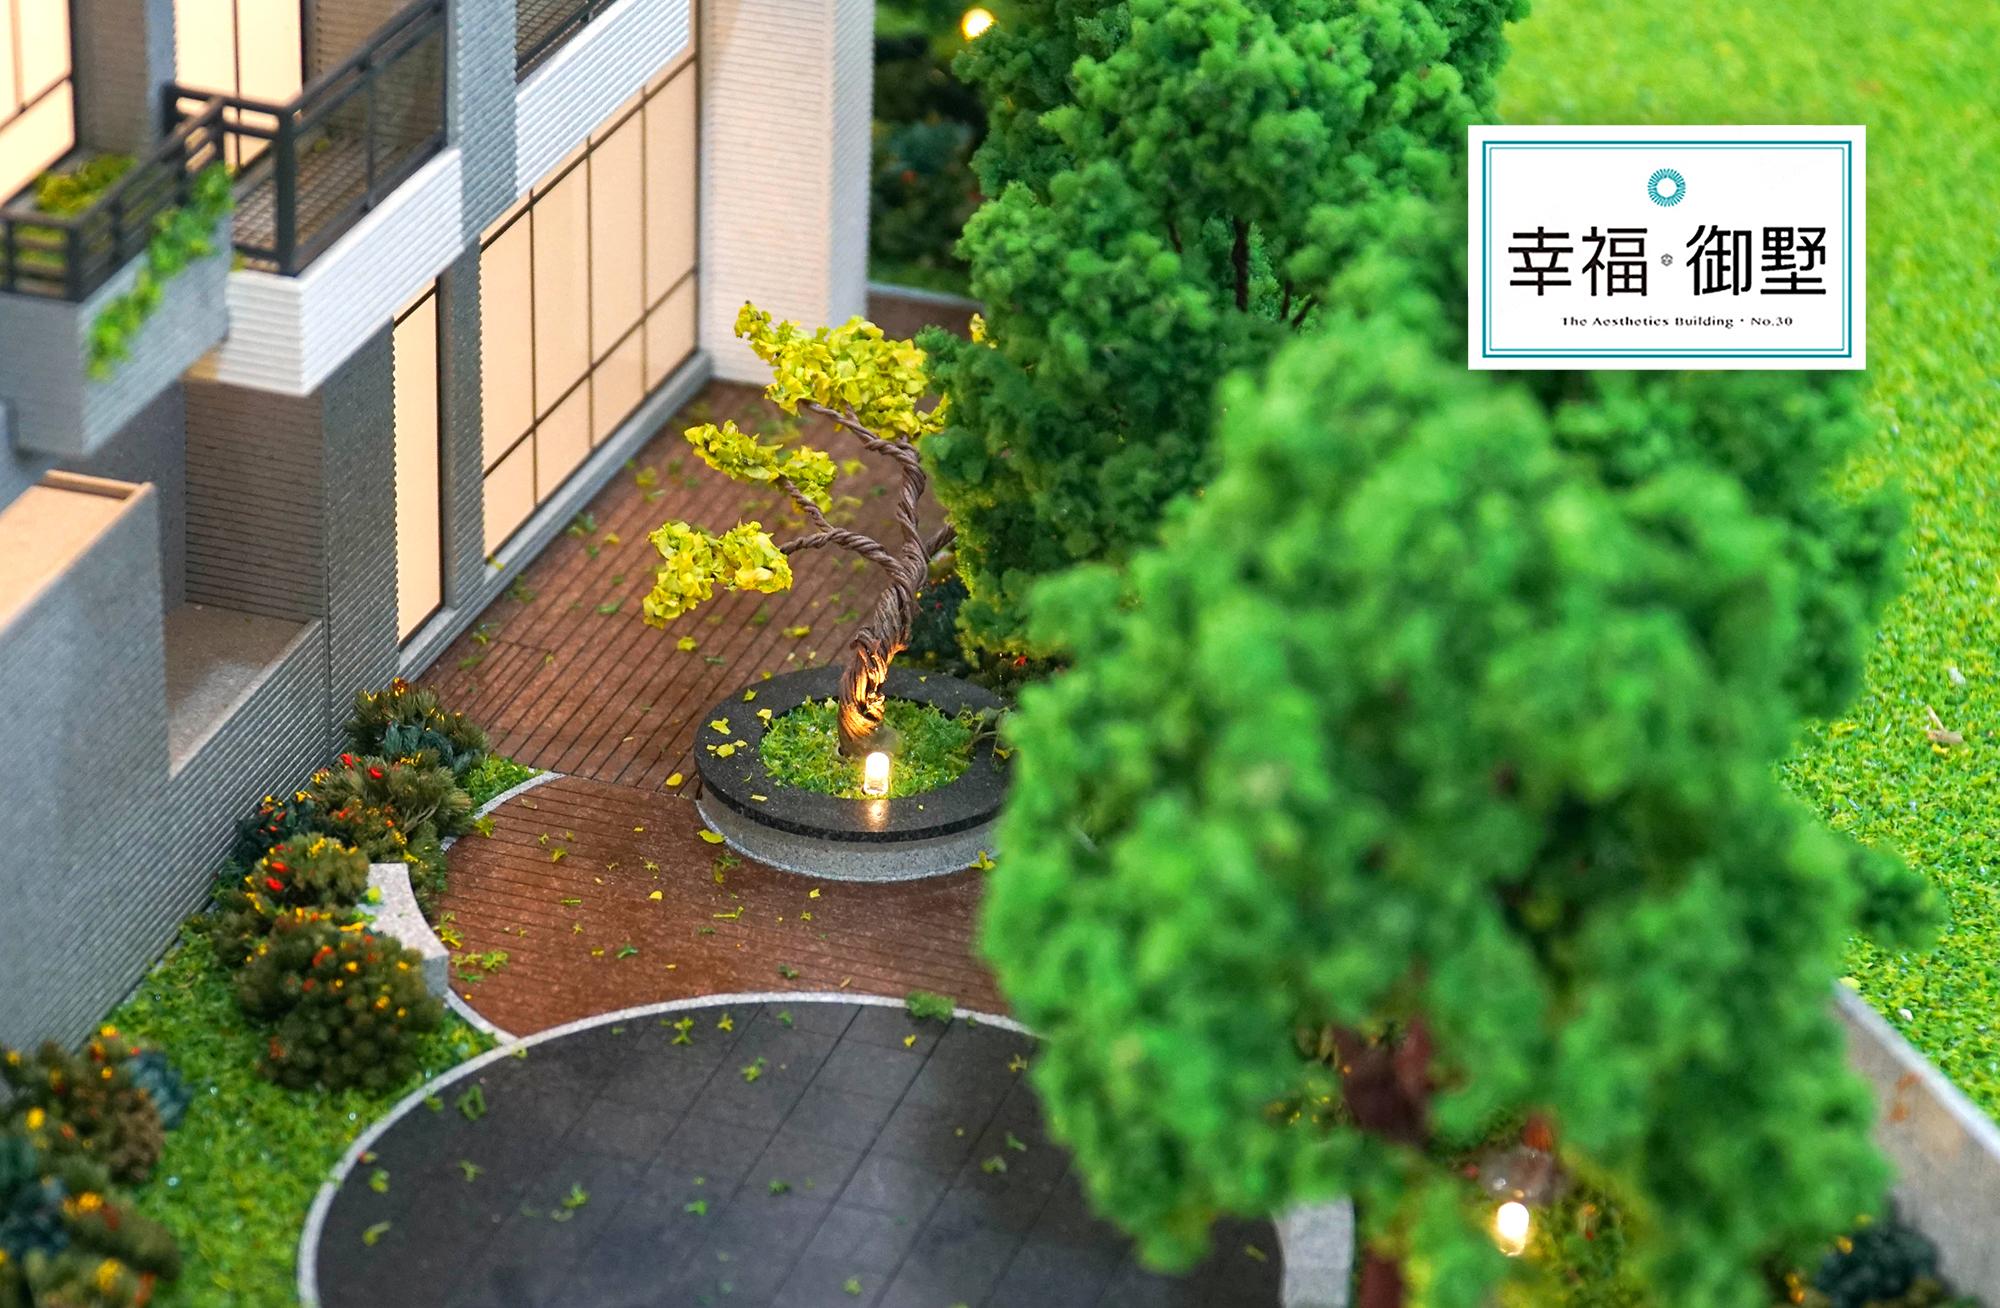 圖片:台中龍井建案開箱 | 幸福御墅。綠蔭環繞,用自然栽種幸福種子